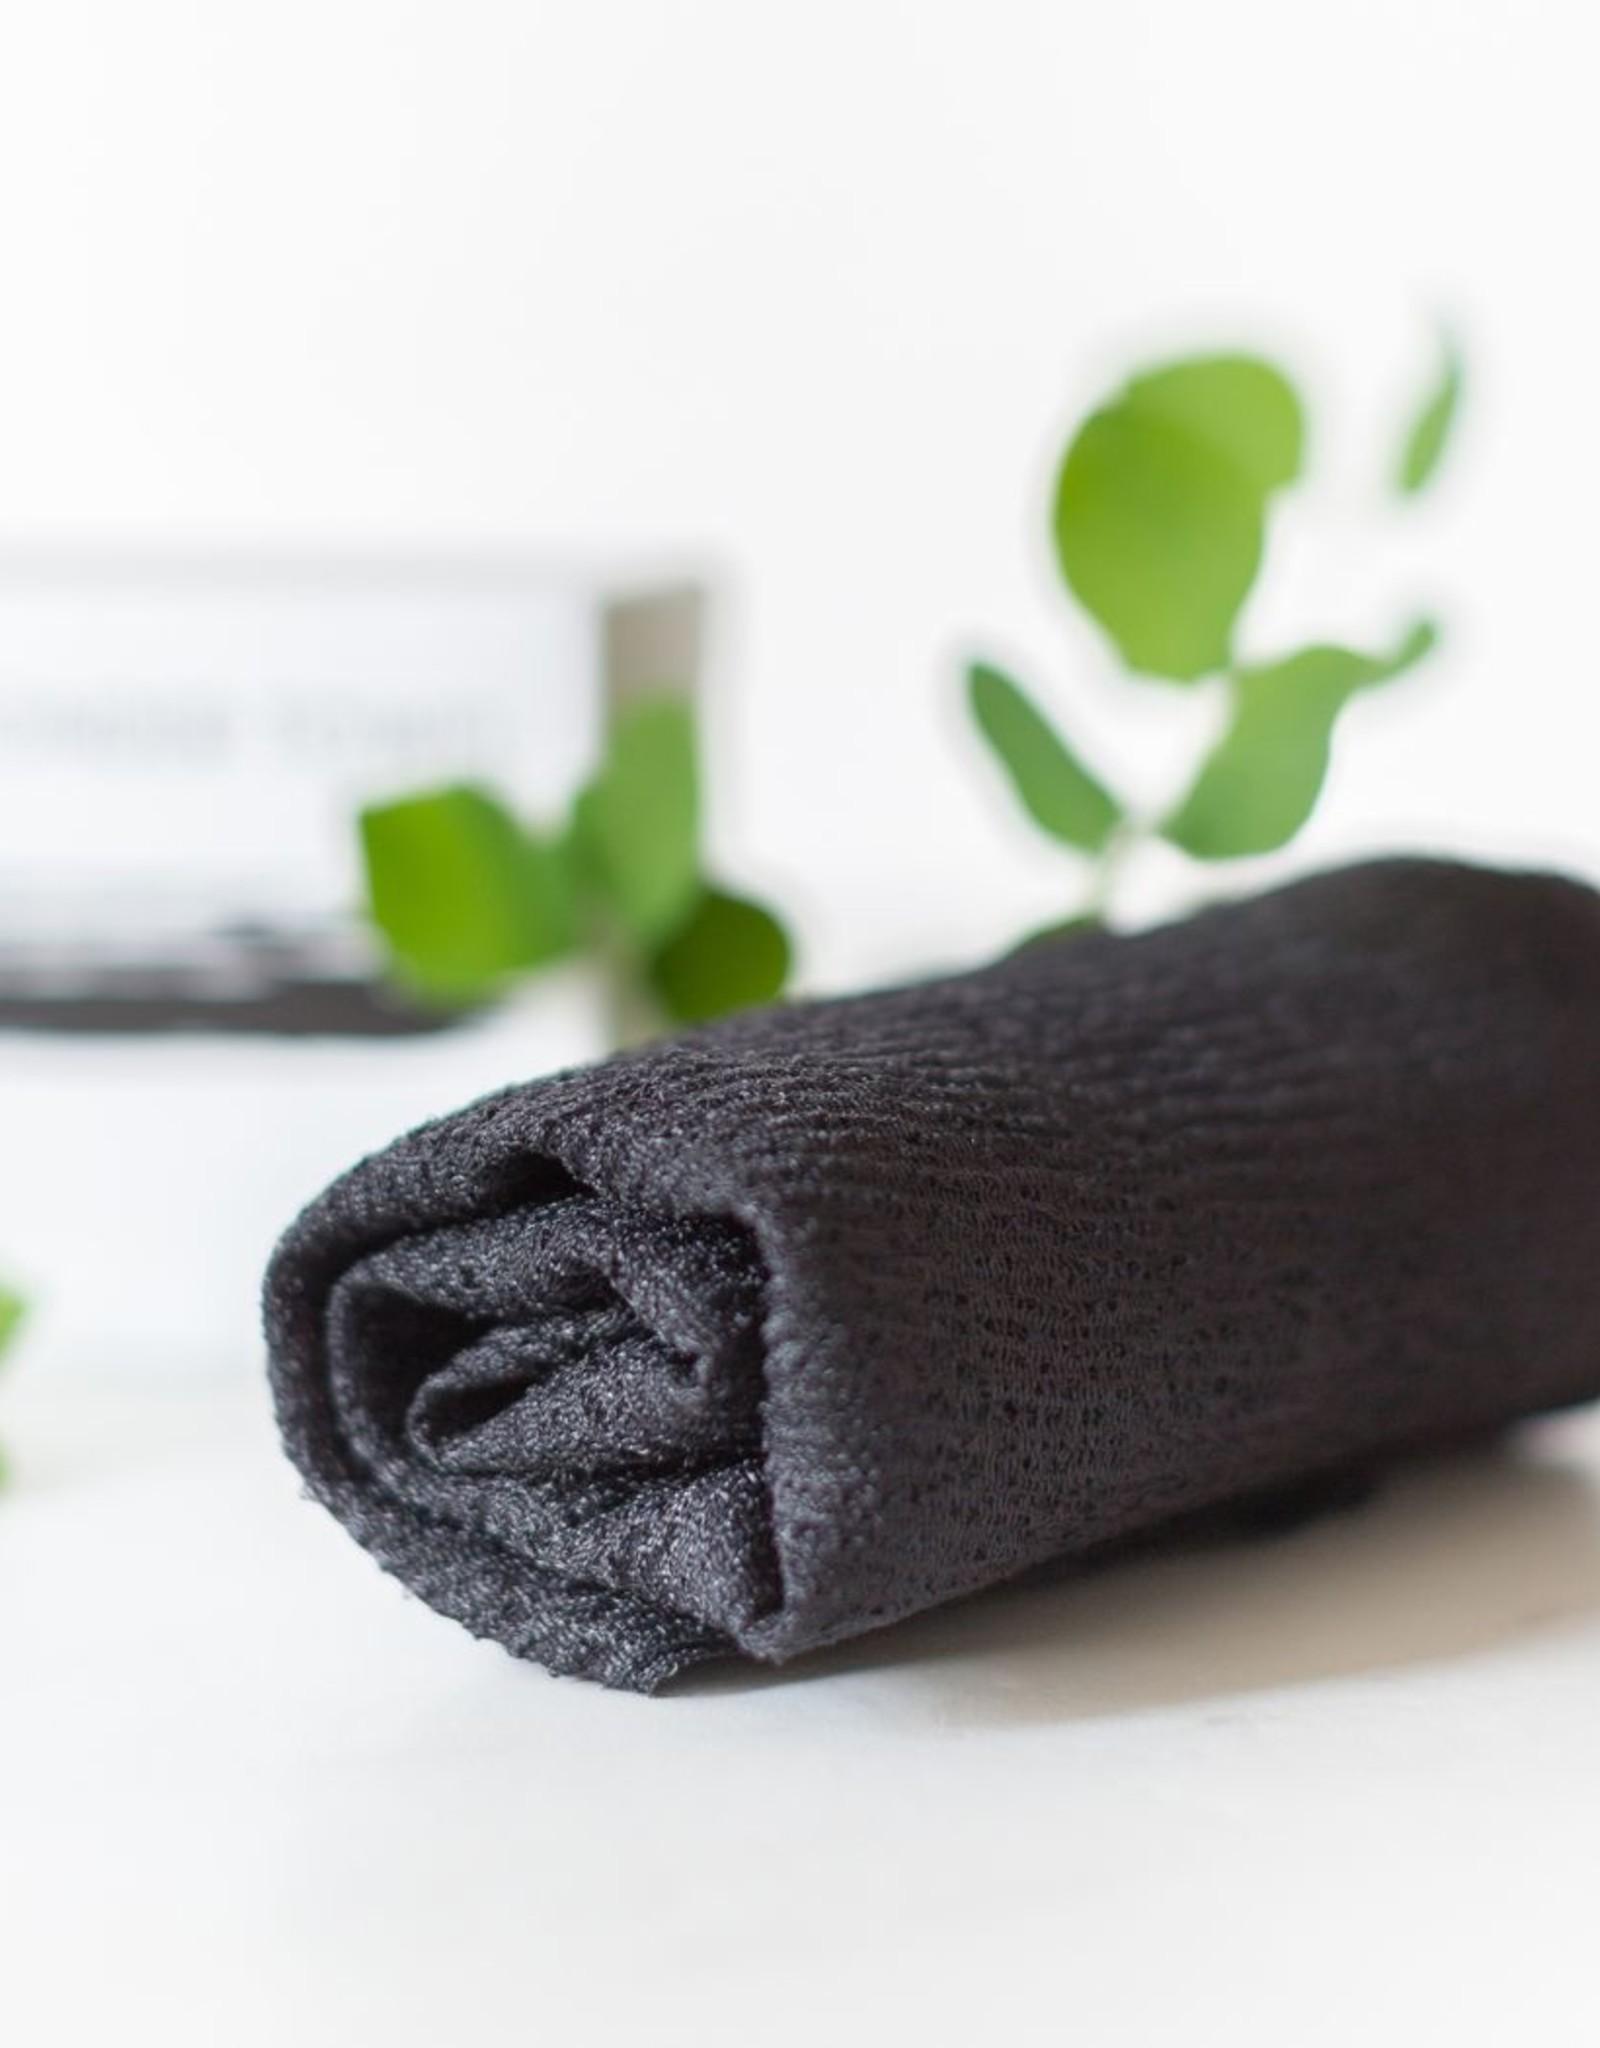 RainPharma Body Wonder Towel - Rainpharma